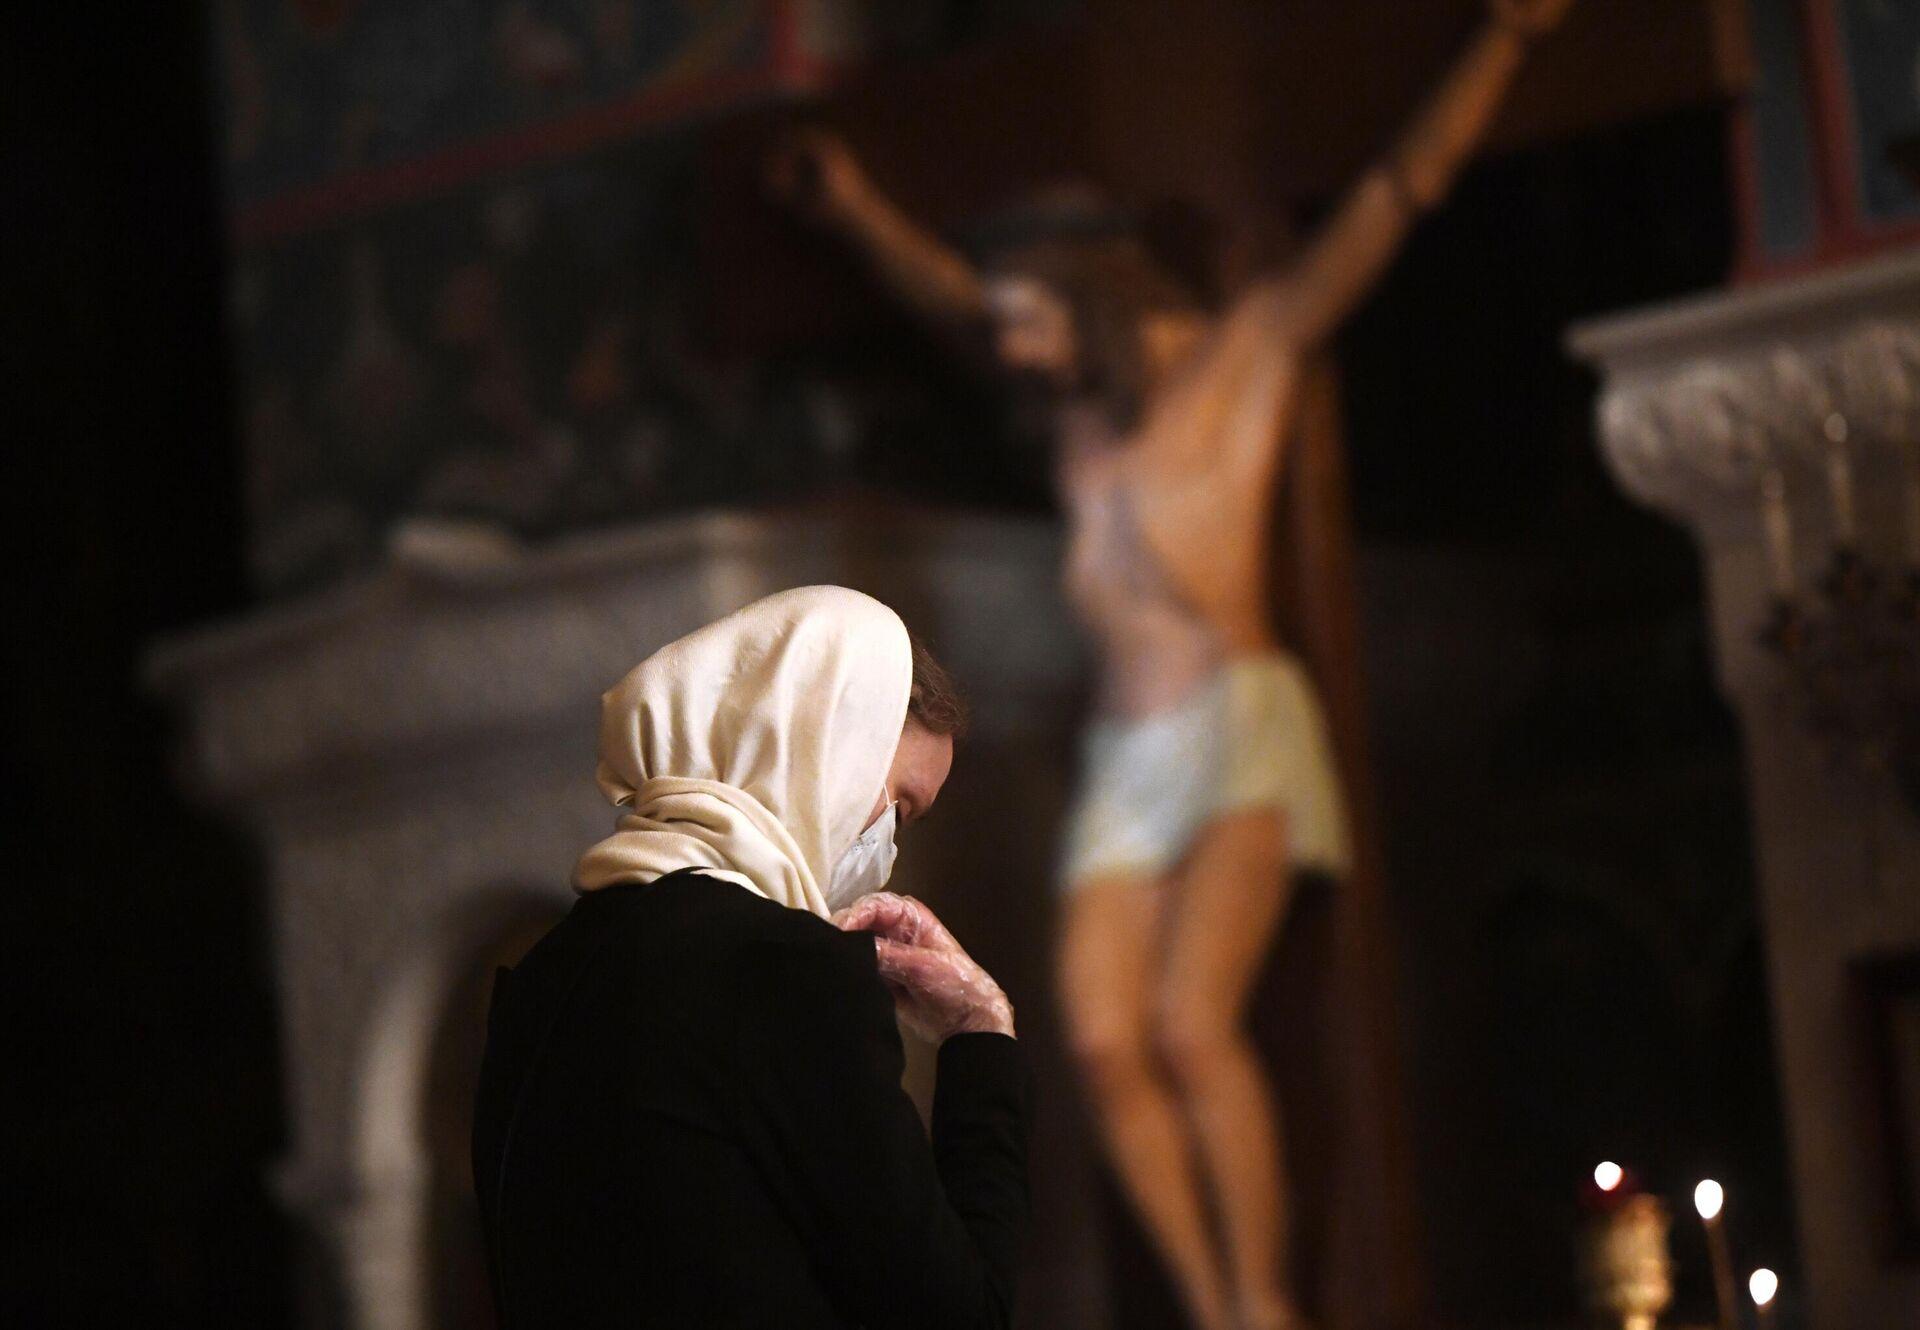 Верующая в храме Христа Спасителя в Москве, открывшемся после карантина - РИА Новости, 1920, 11.02.2021